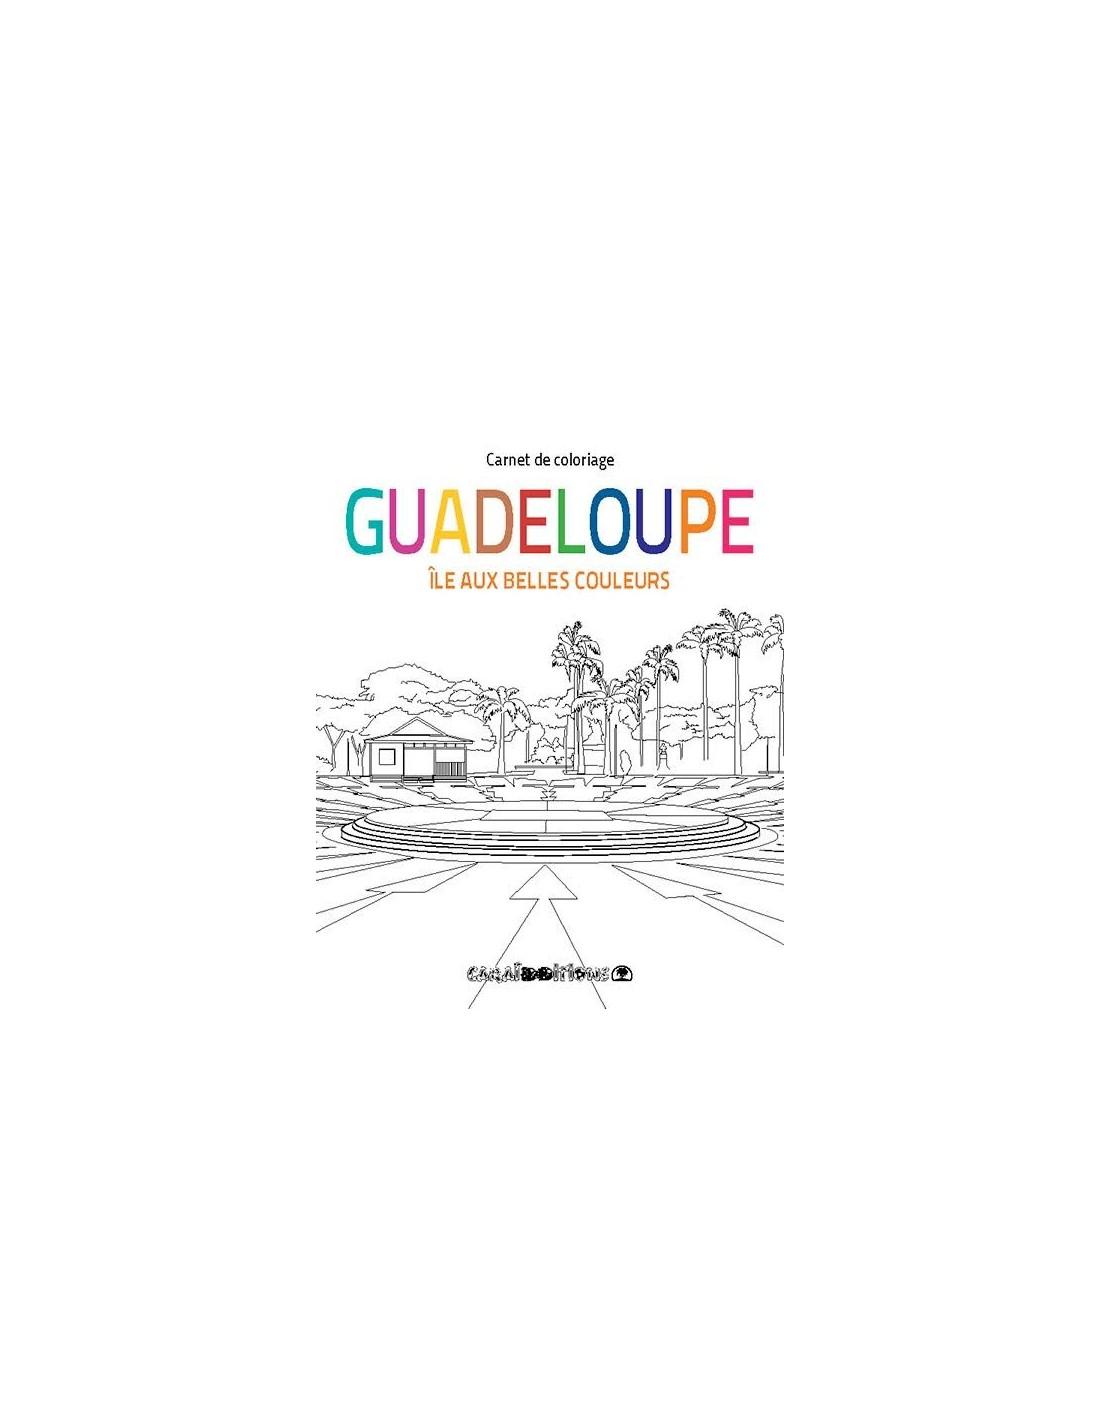 Coloriage De Belles Couleurs.Guadeloupe Ile Aux Belles Couleurs